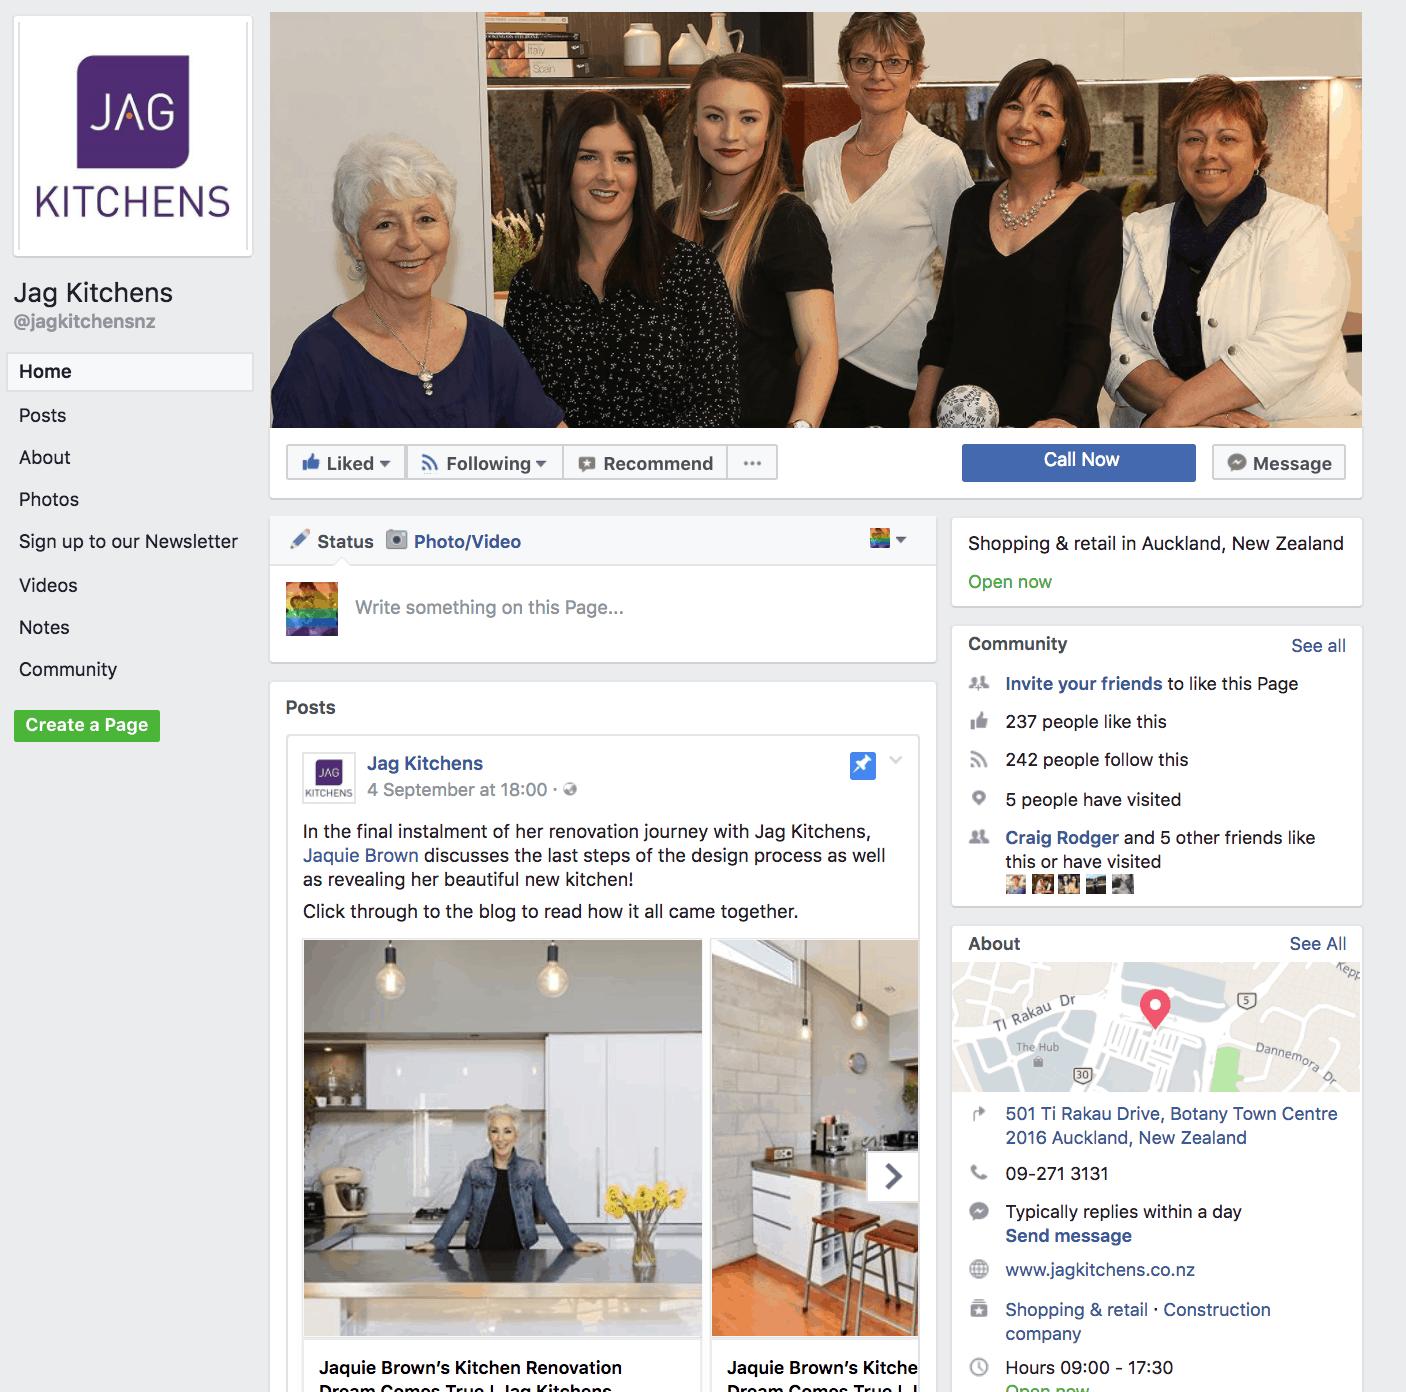 Jag Kitchens Facebook